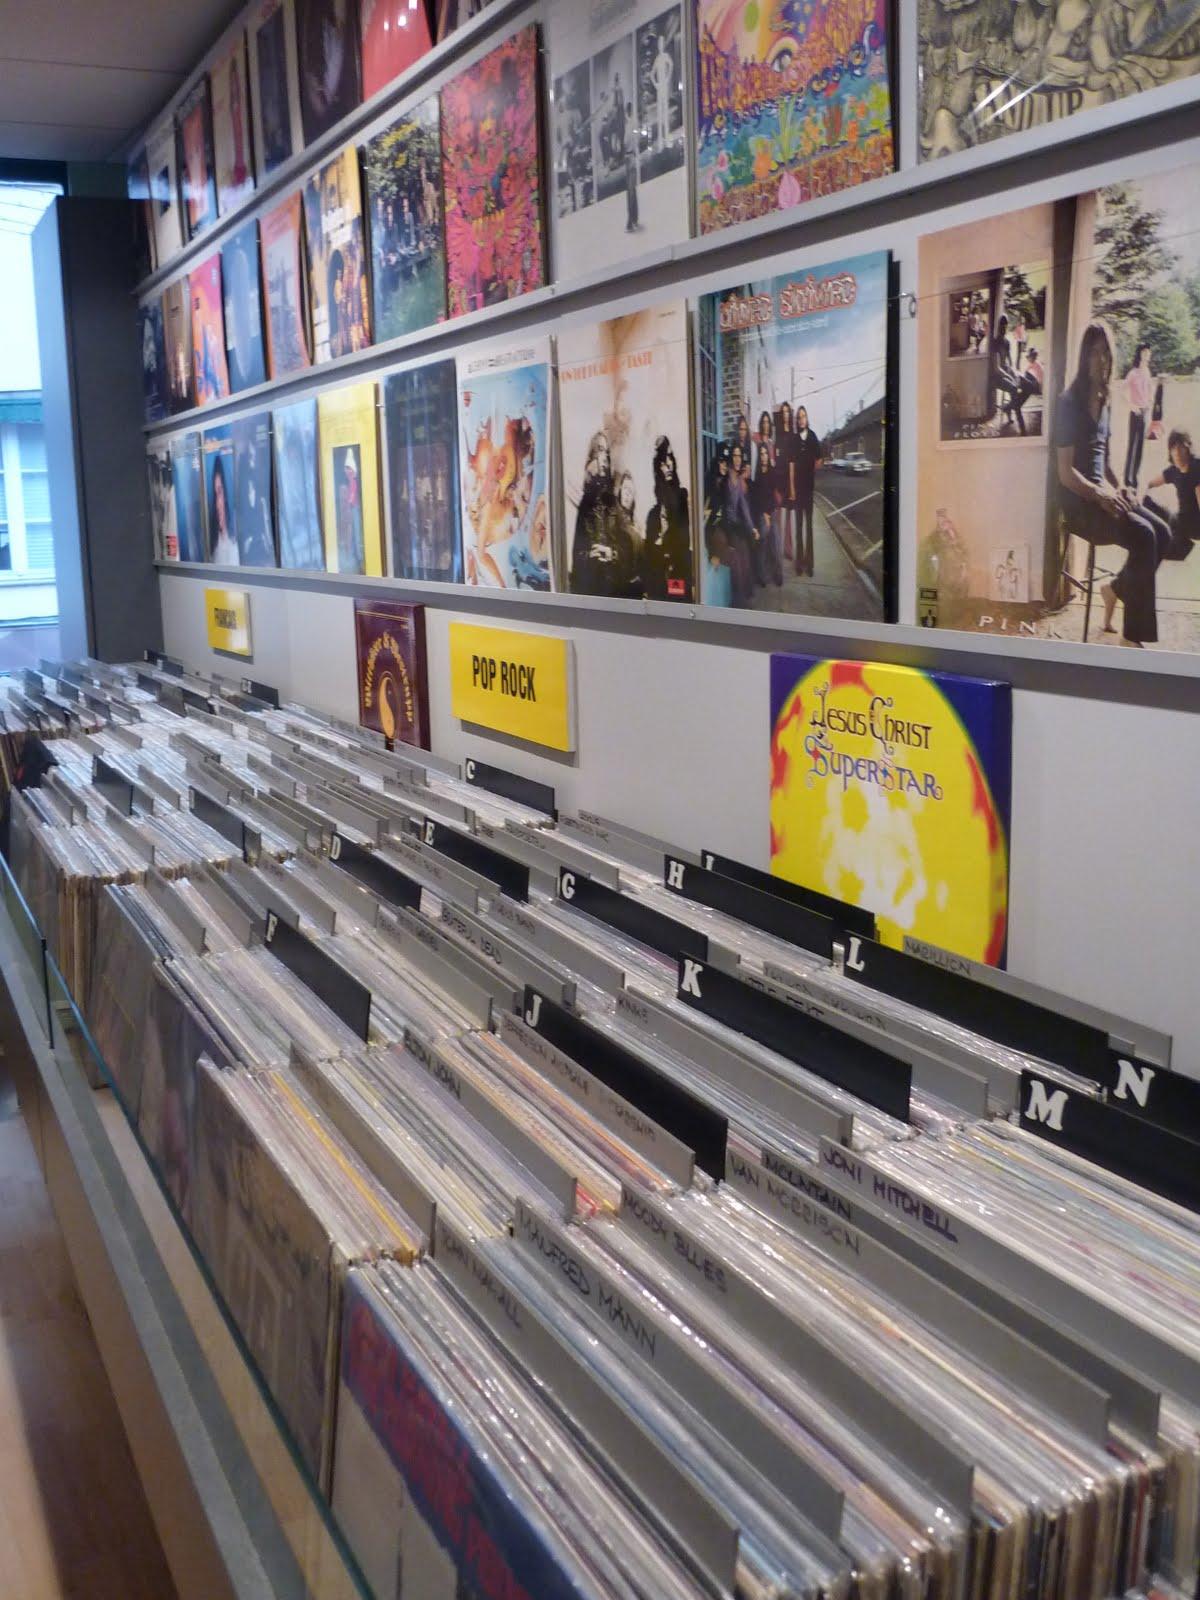 L 39 occase de l 39 oncle tom disquaire - Collection de vinyle ...